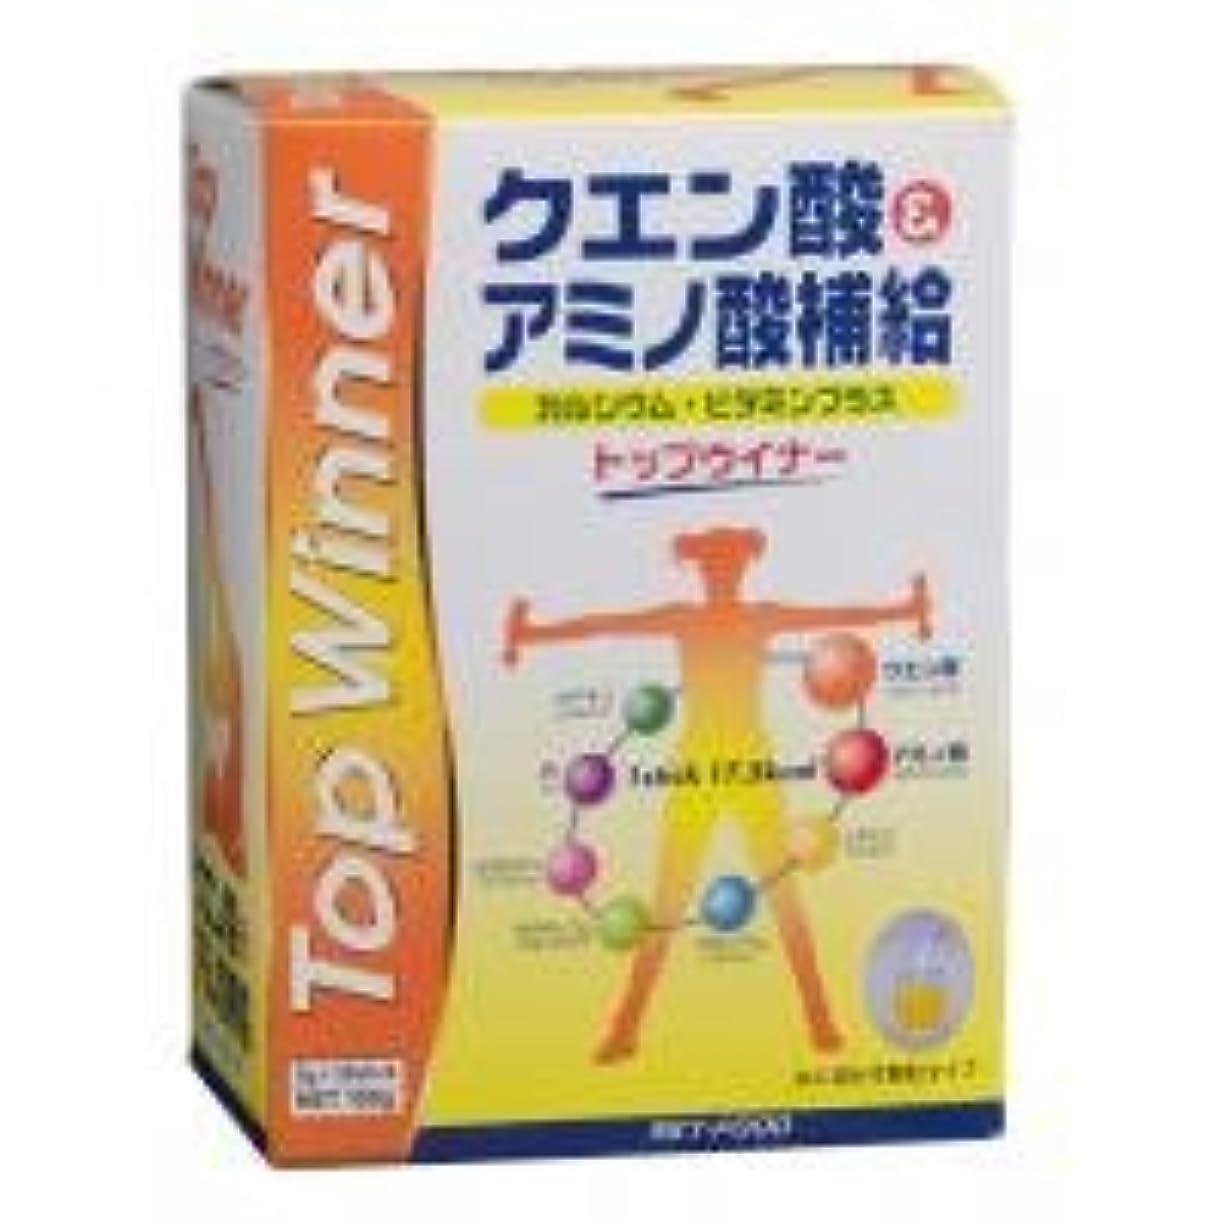 柔和富減らすクエン酸&アミノ酸補給 トップウィナー 5g×30袋 0834372